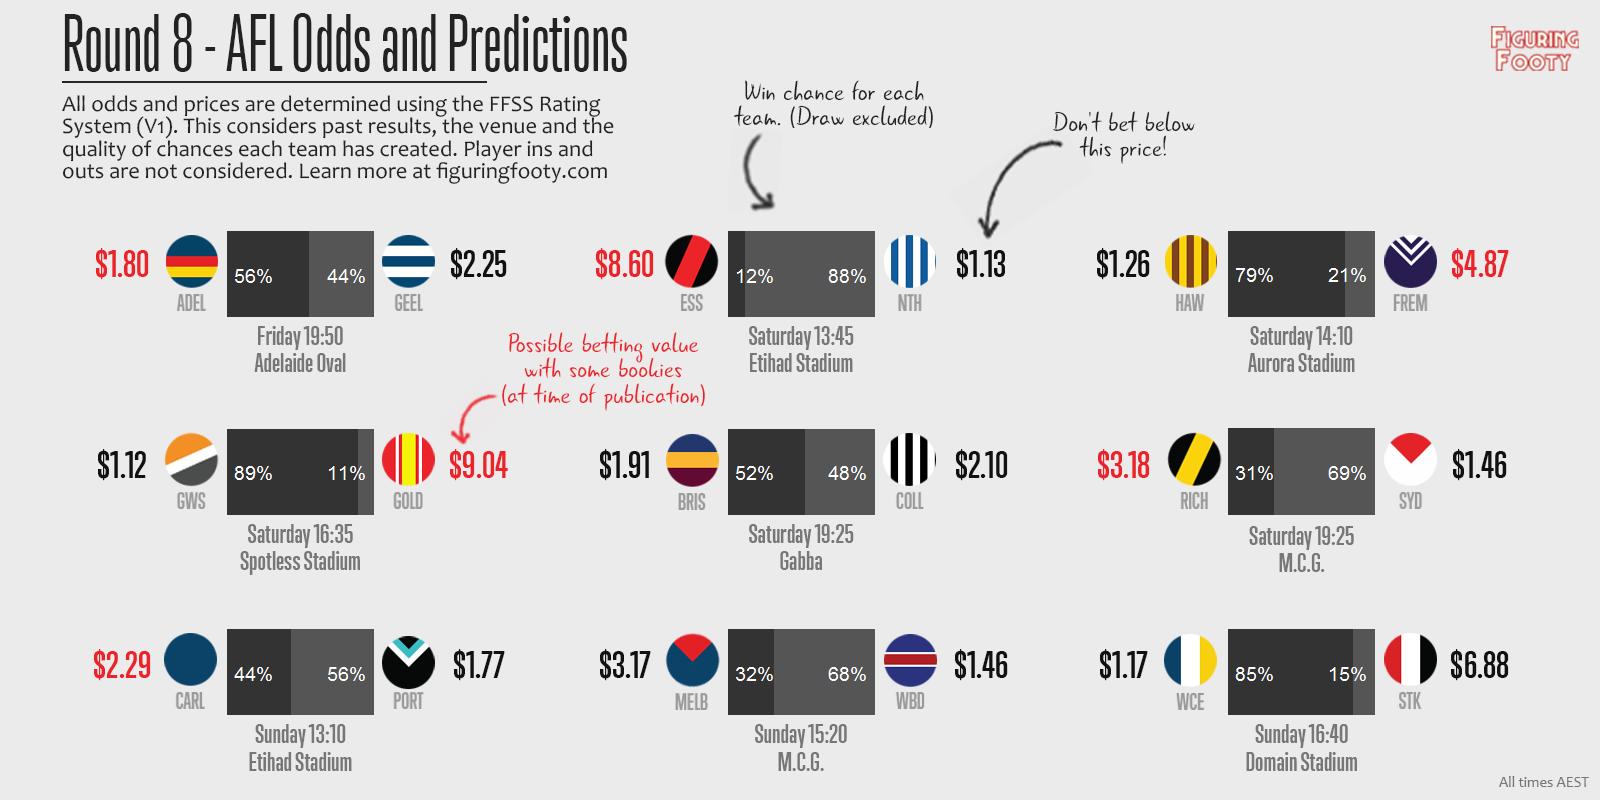 FFSS Week 8 Predictions